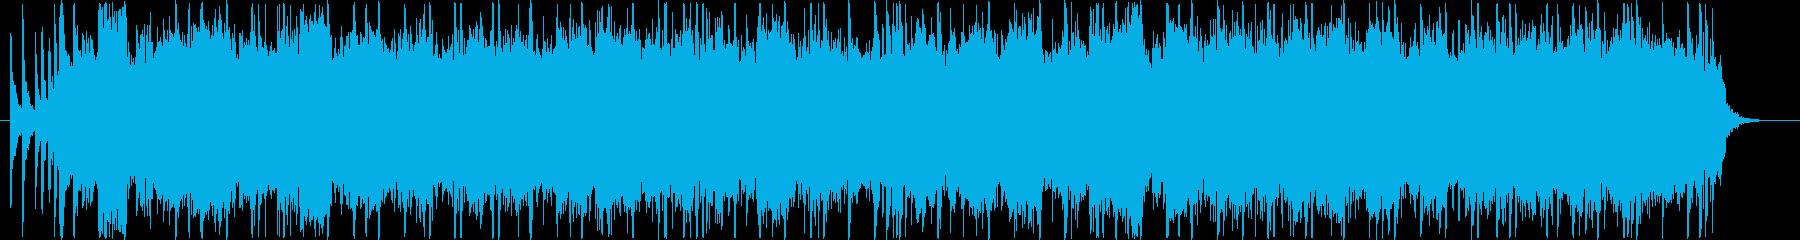 メタル 劇的な 燃える エレキギタ...の再生済みの波形